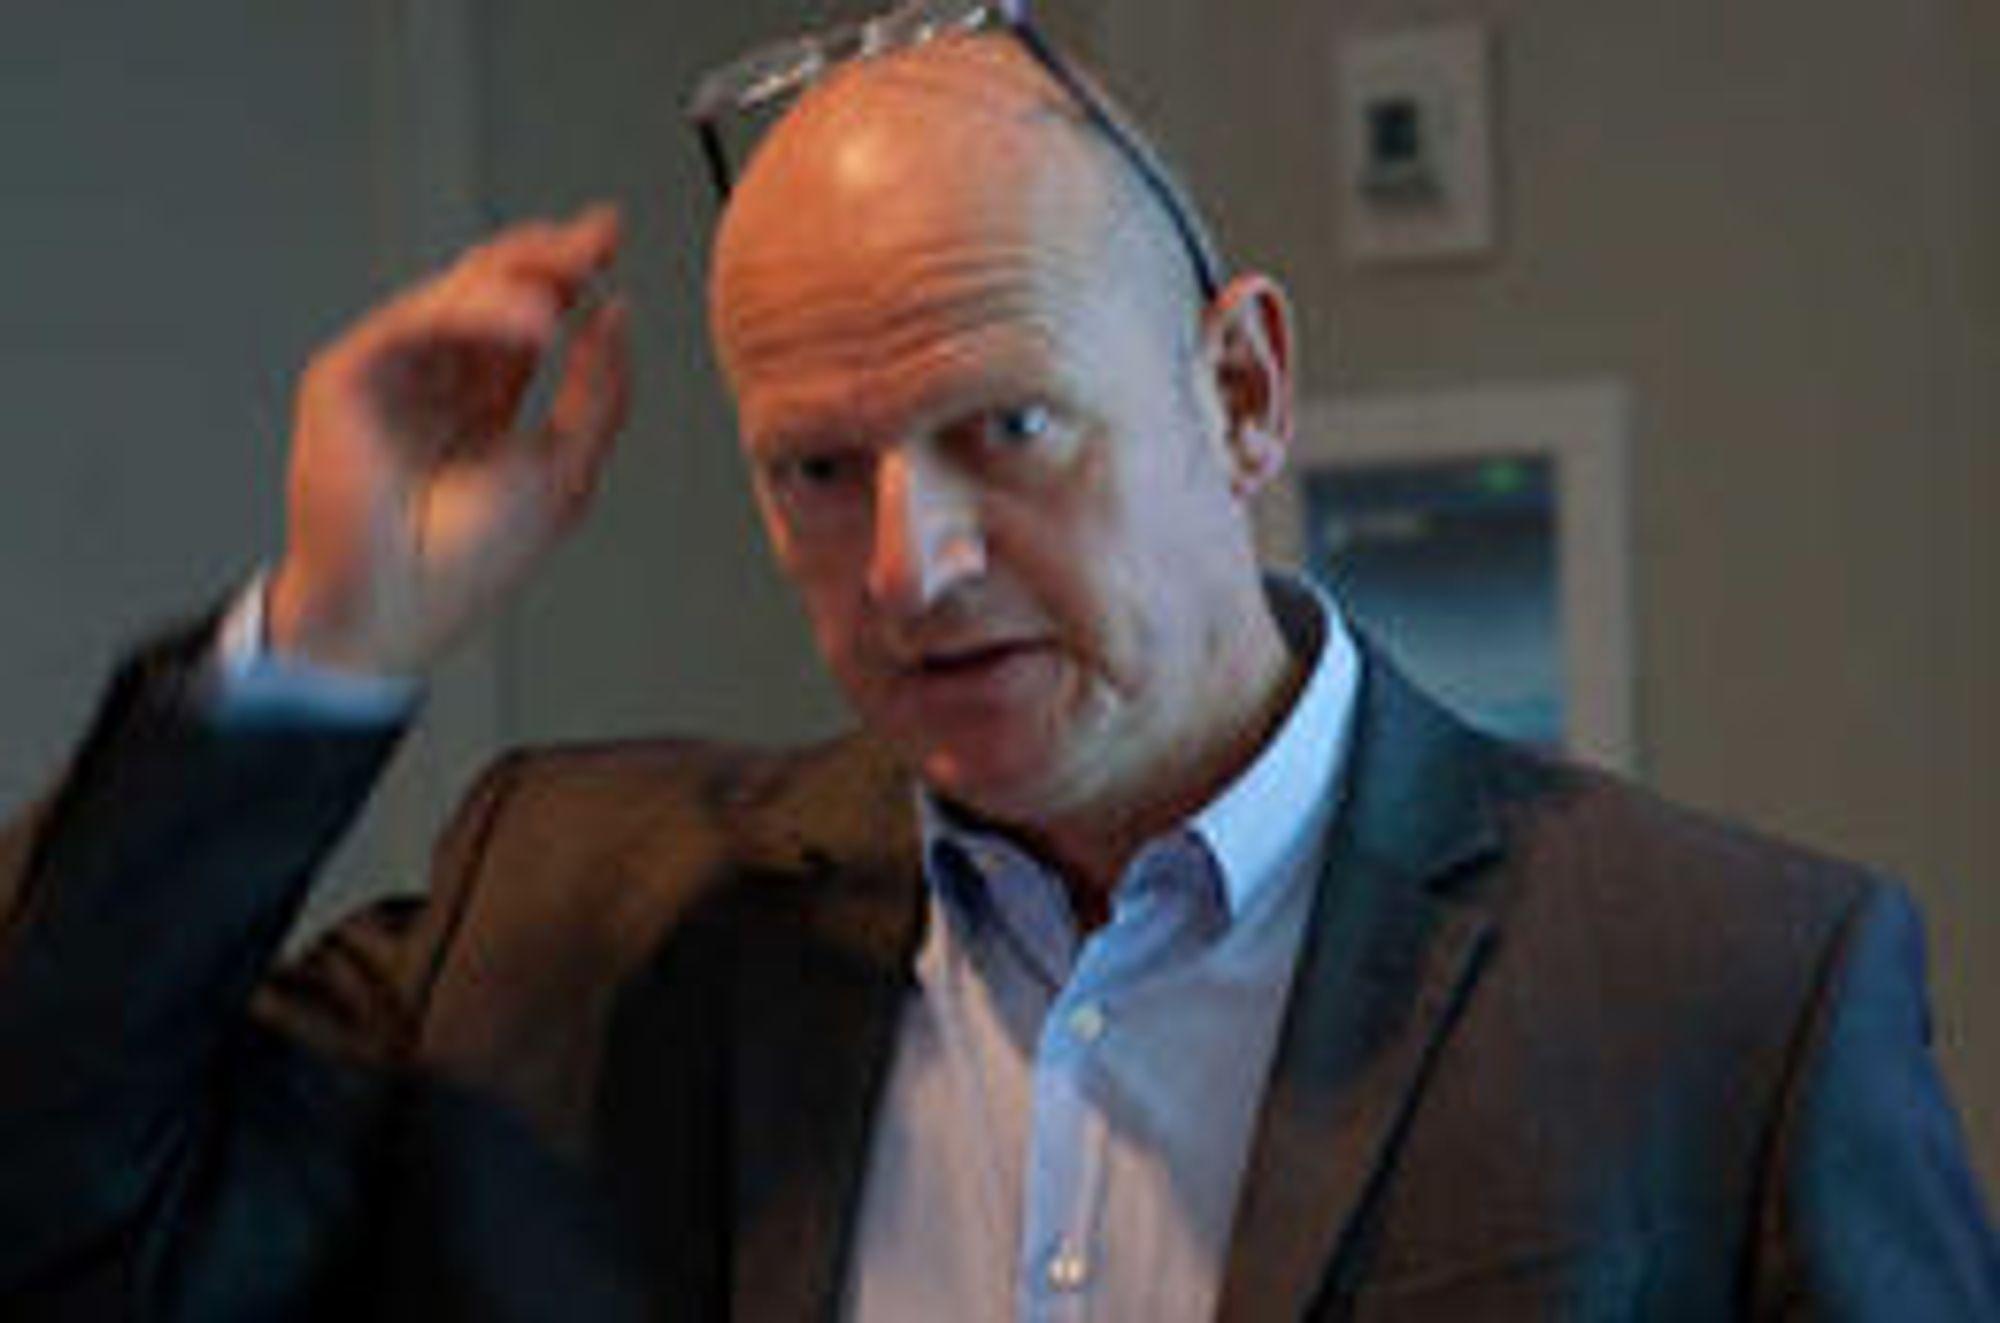 De rødgrønne har utvist altfor liten handlekraft, mener Bjørn Rønning i Norsk Fiberforening.